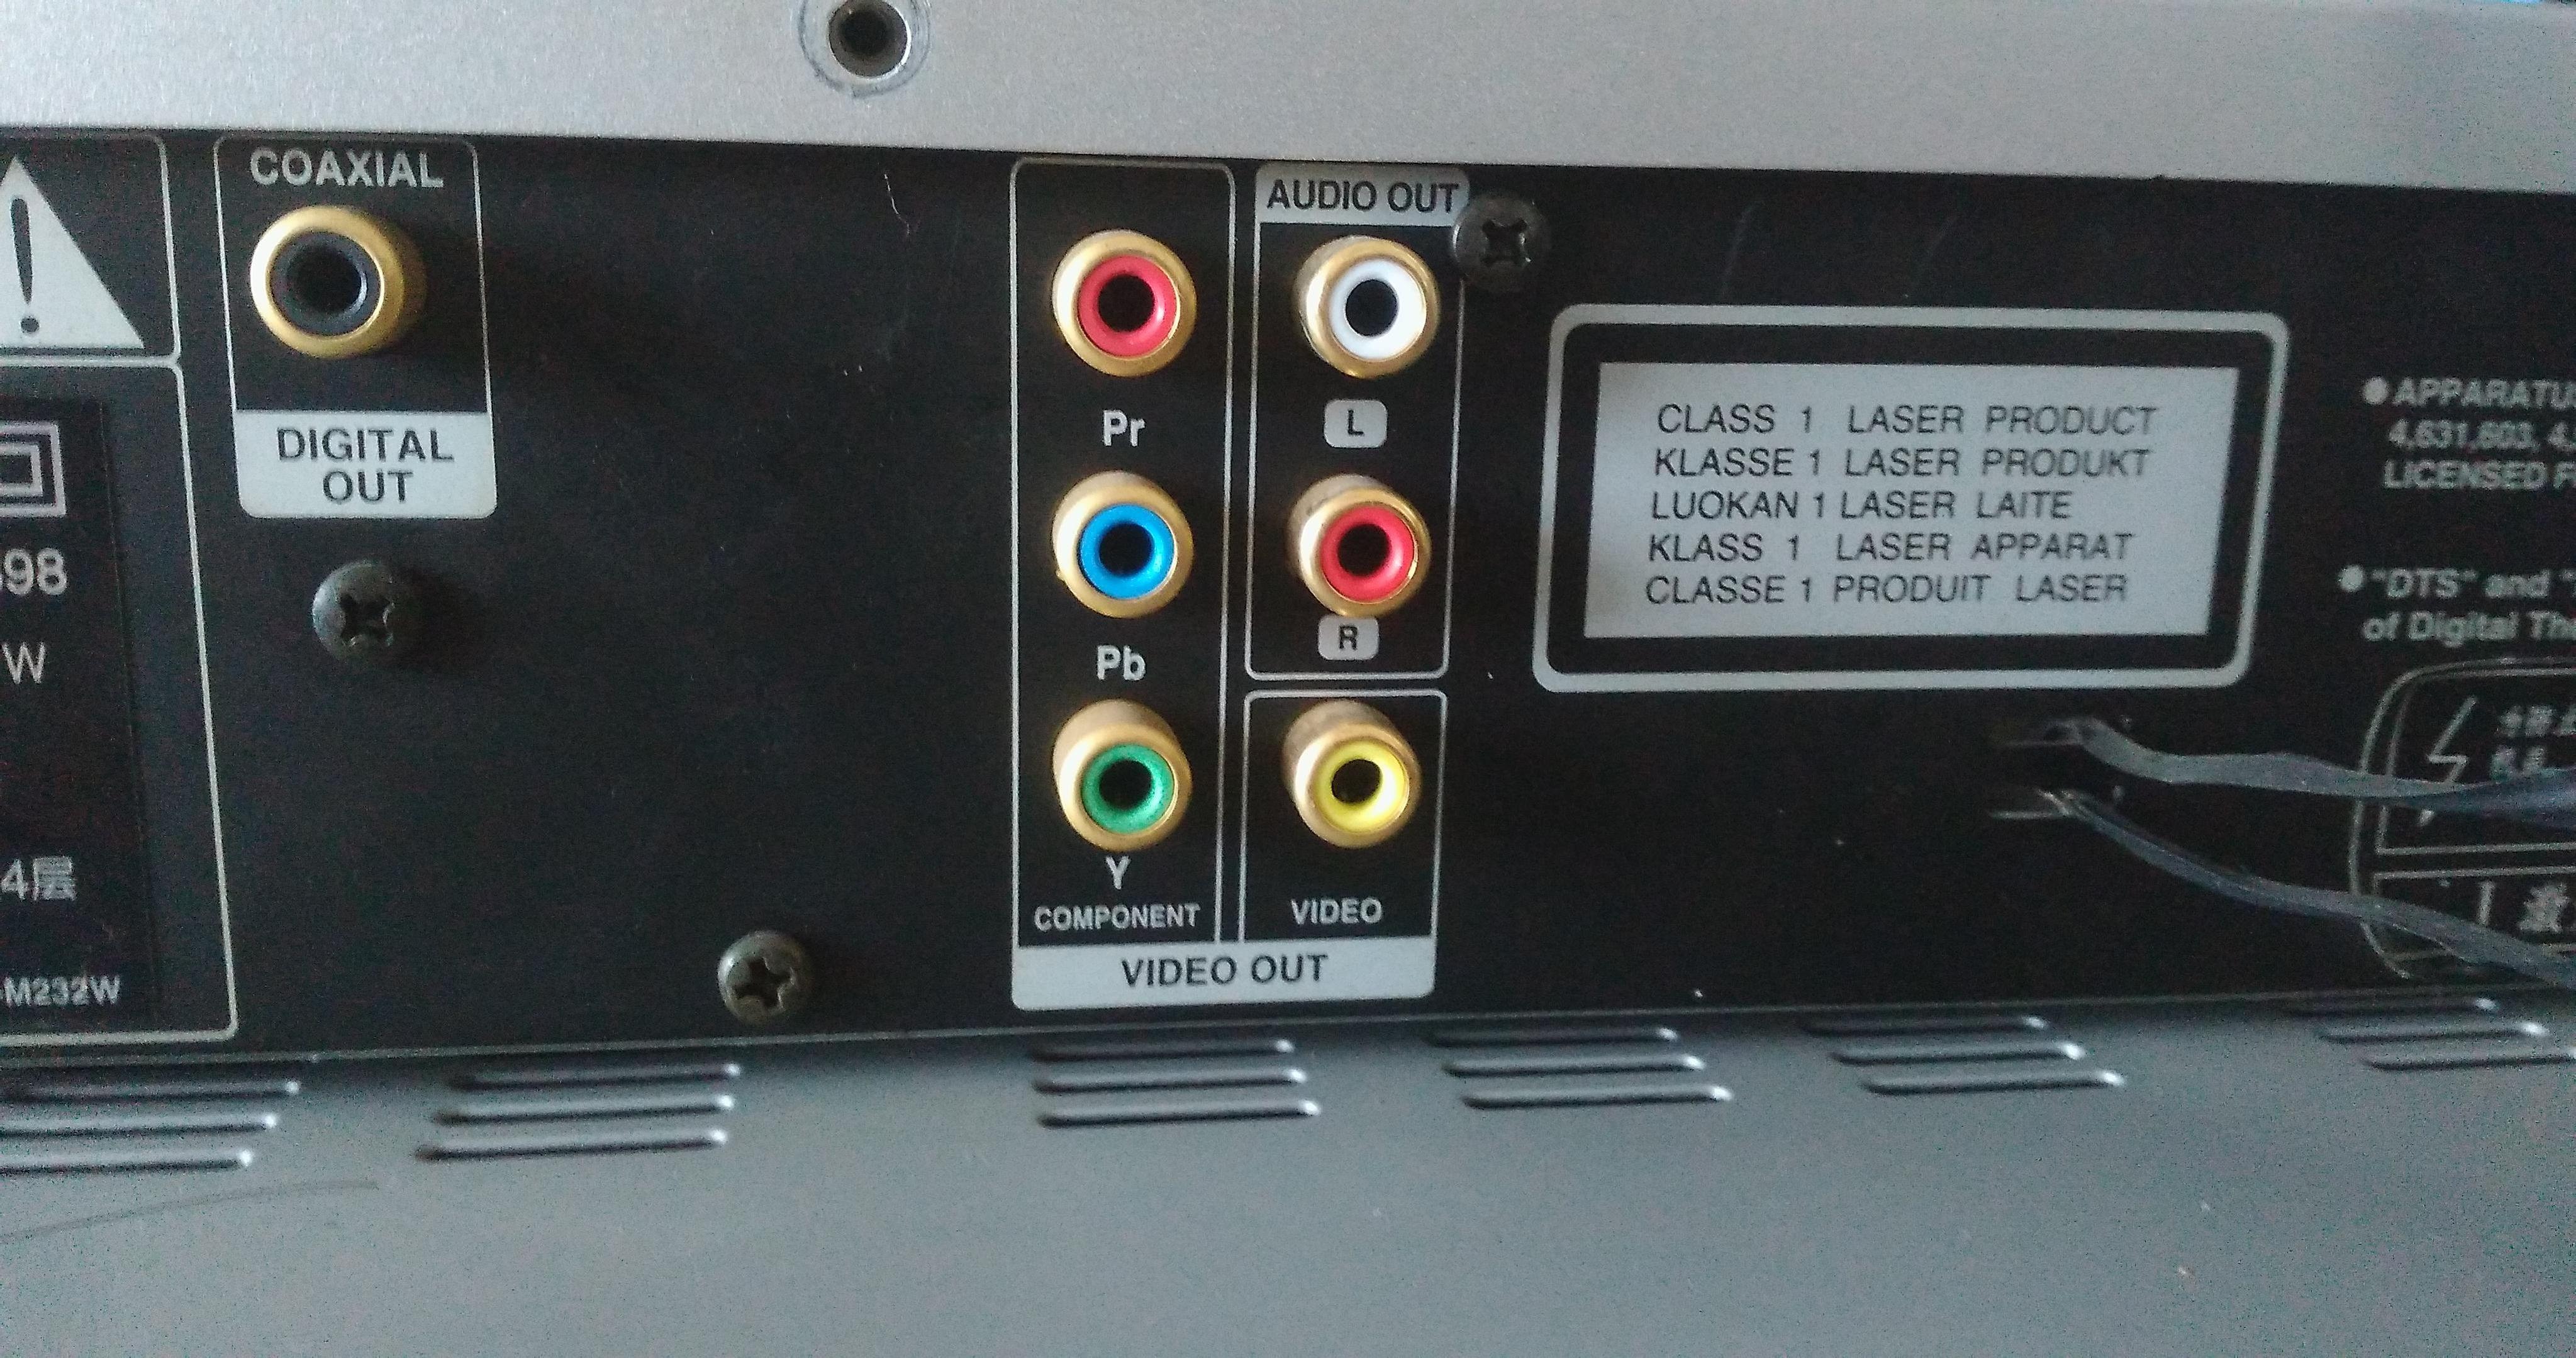 我要把dvd,功放,音箱,电视机,要连接成可以k歌的要怎么连接?